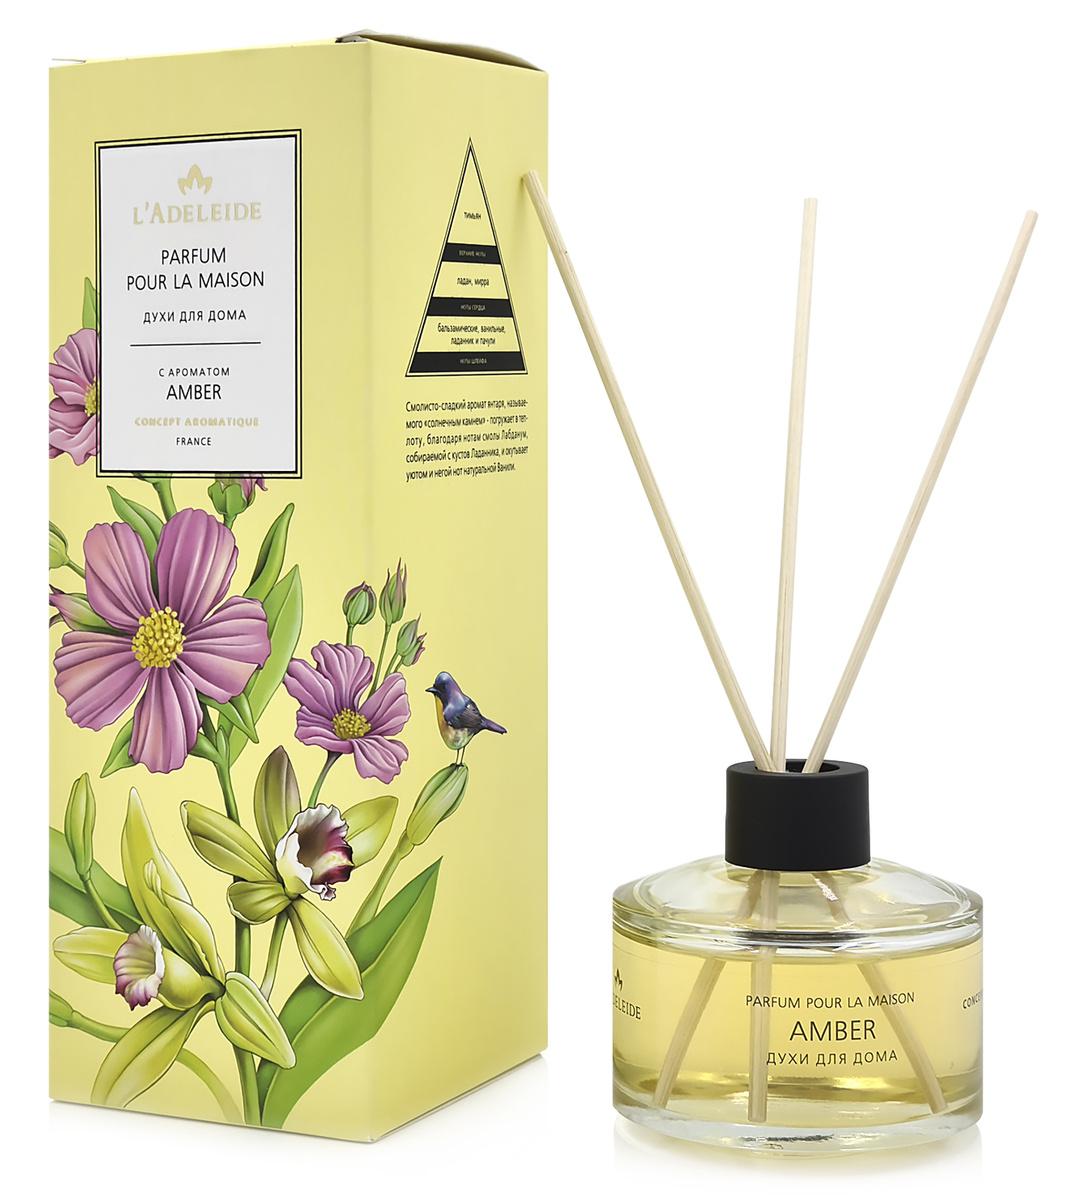 """L'Adeleide Ароматическая жидкость """"Parfum pour la maison""""с ароматом AMBER  #1"""